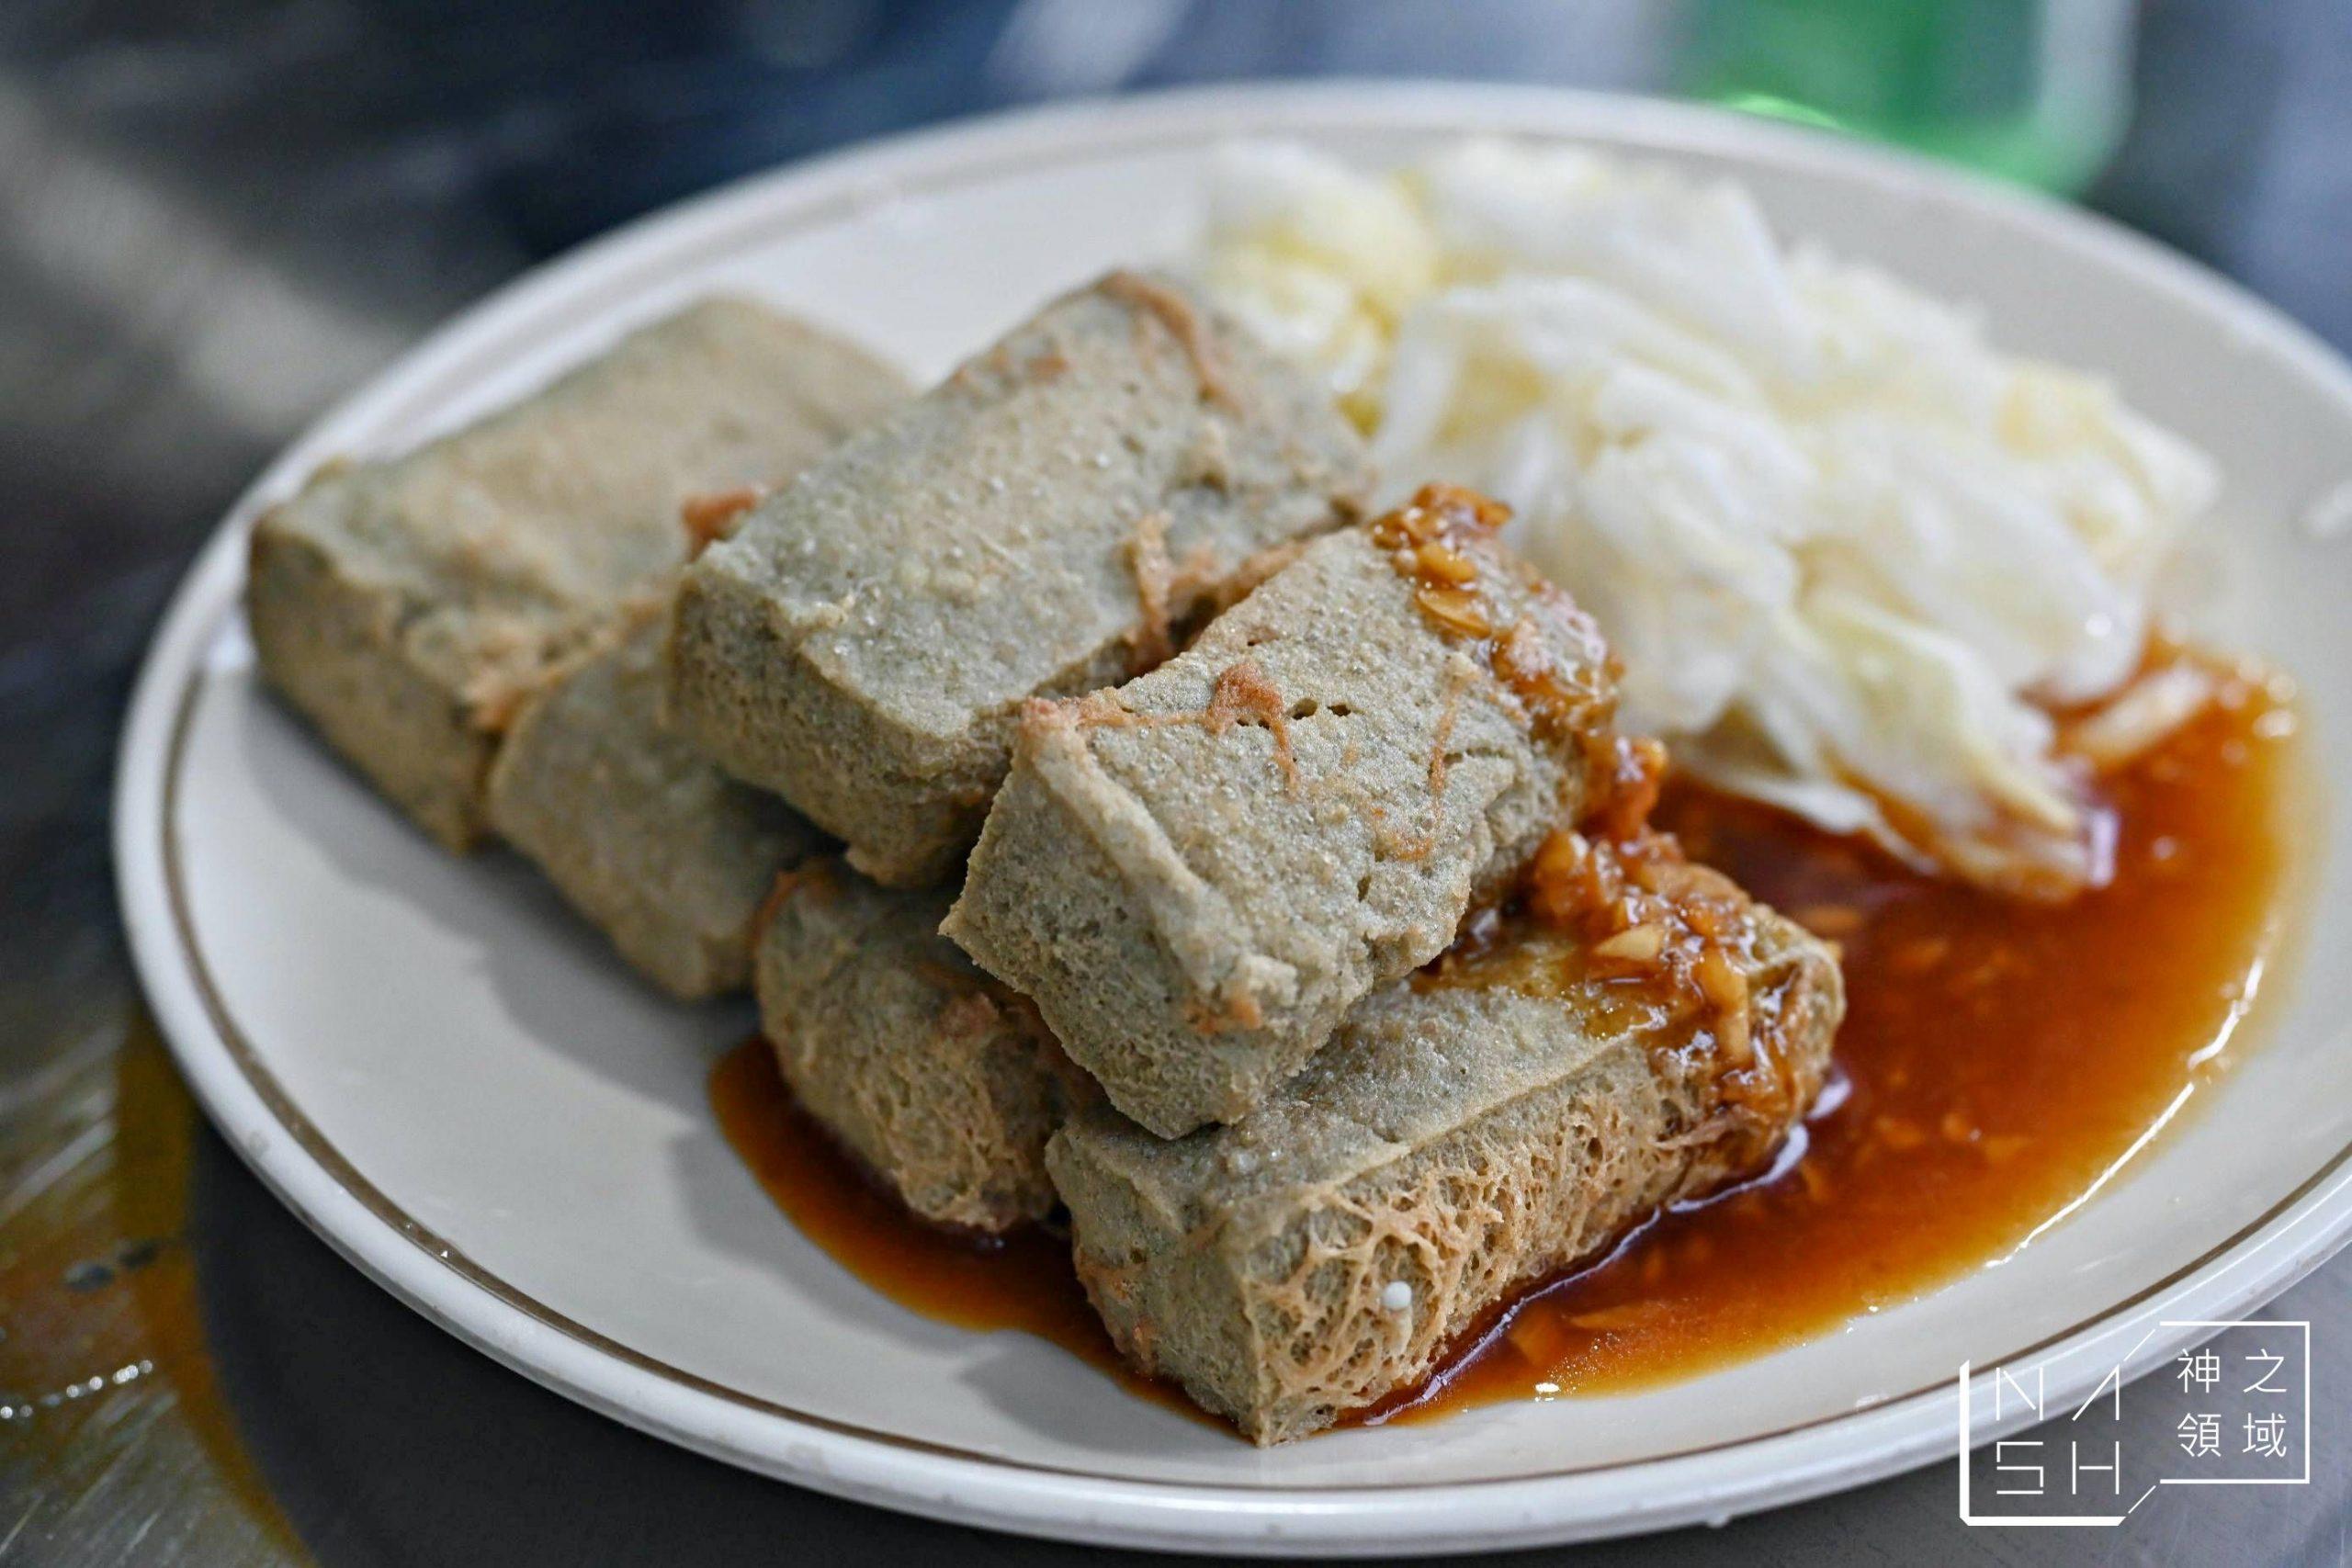 綠色臭豆腐